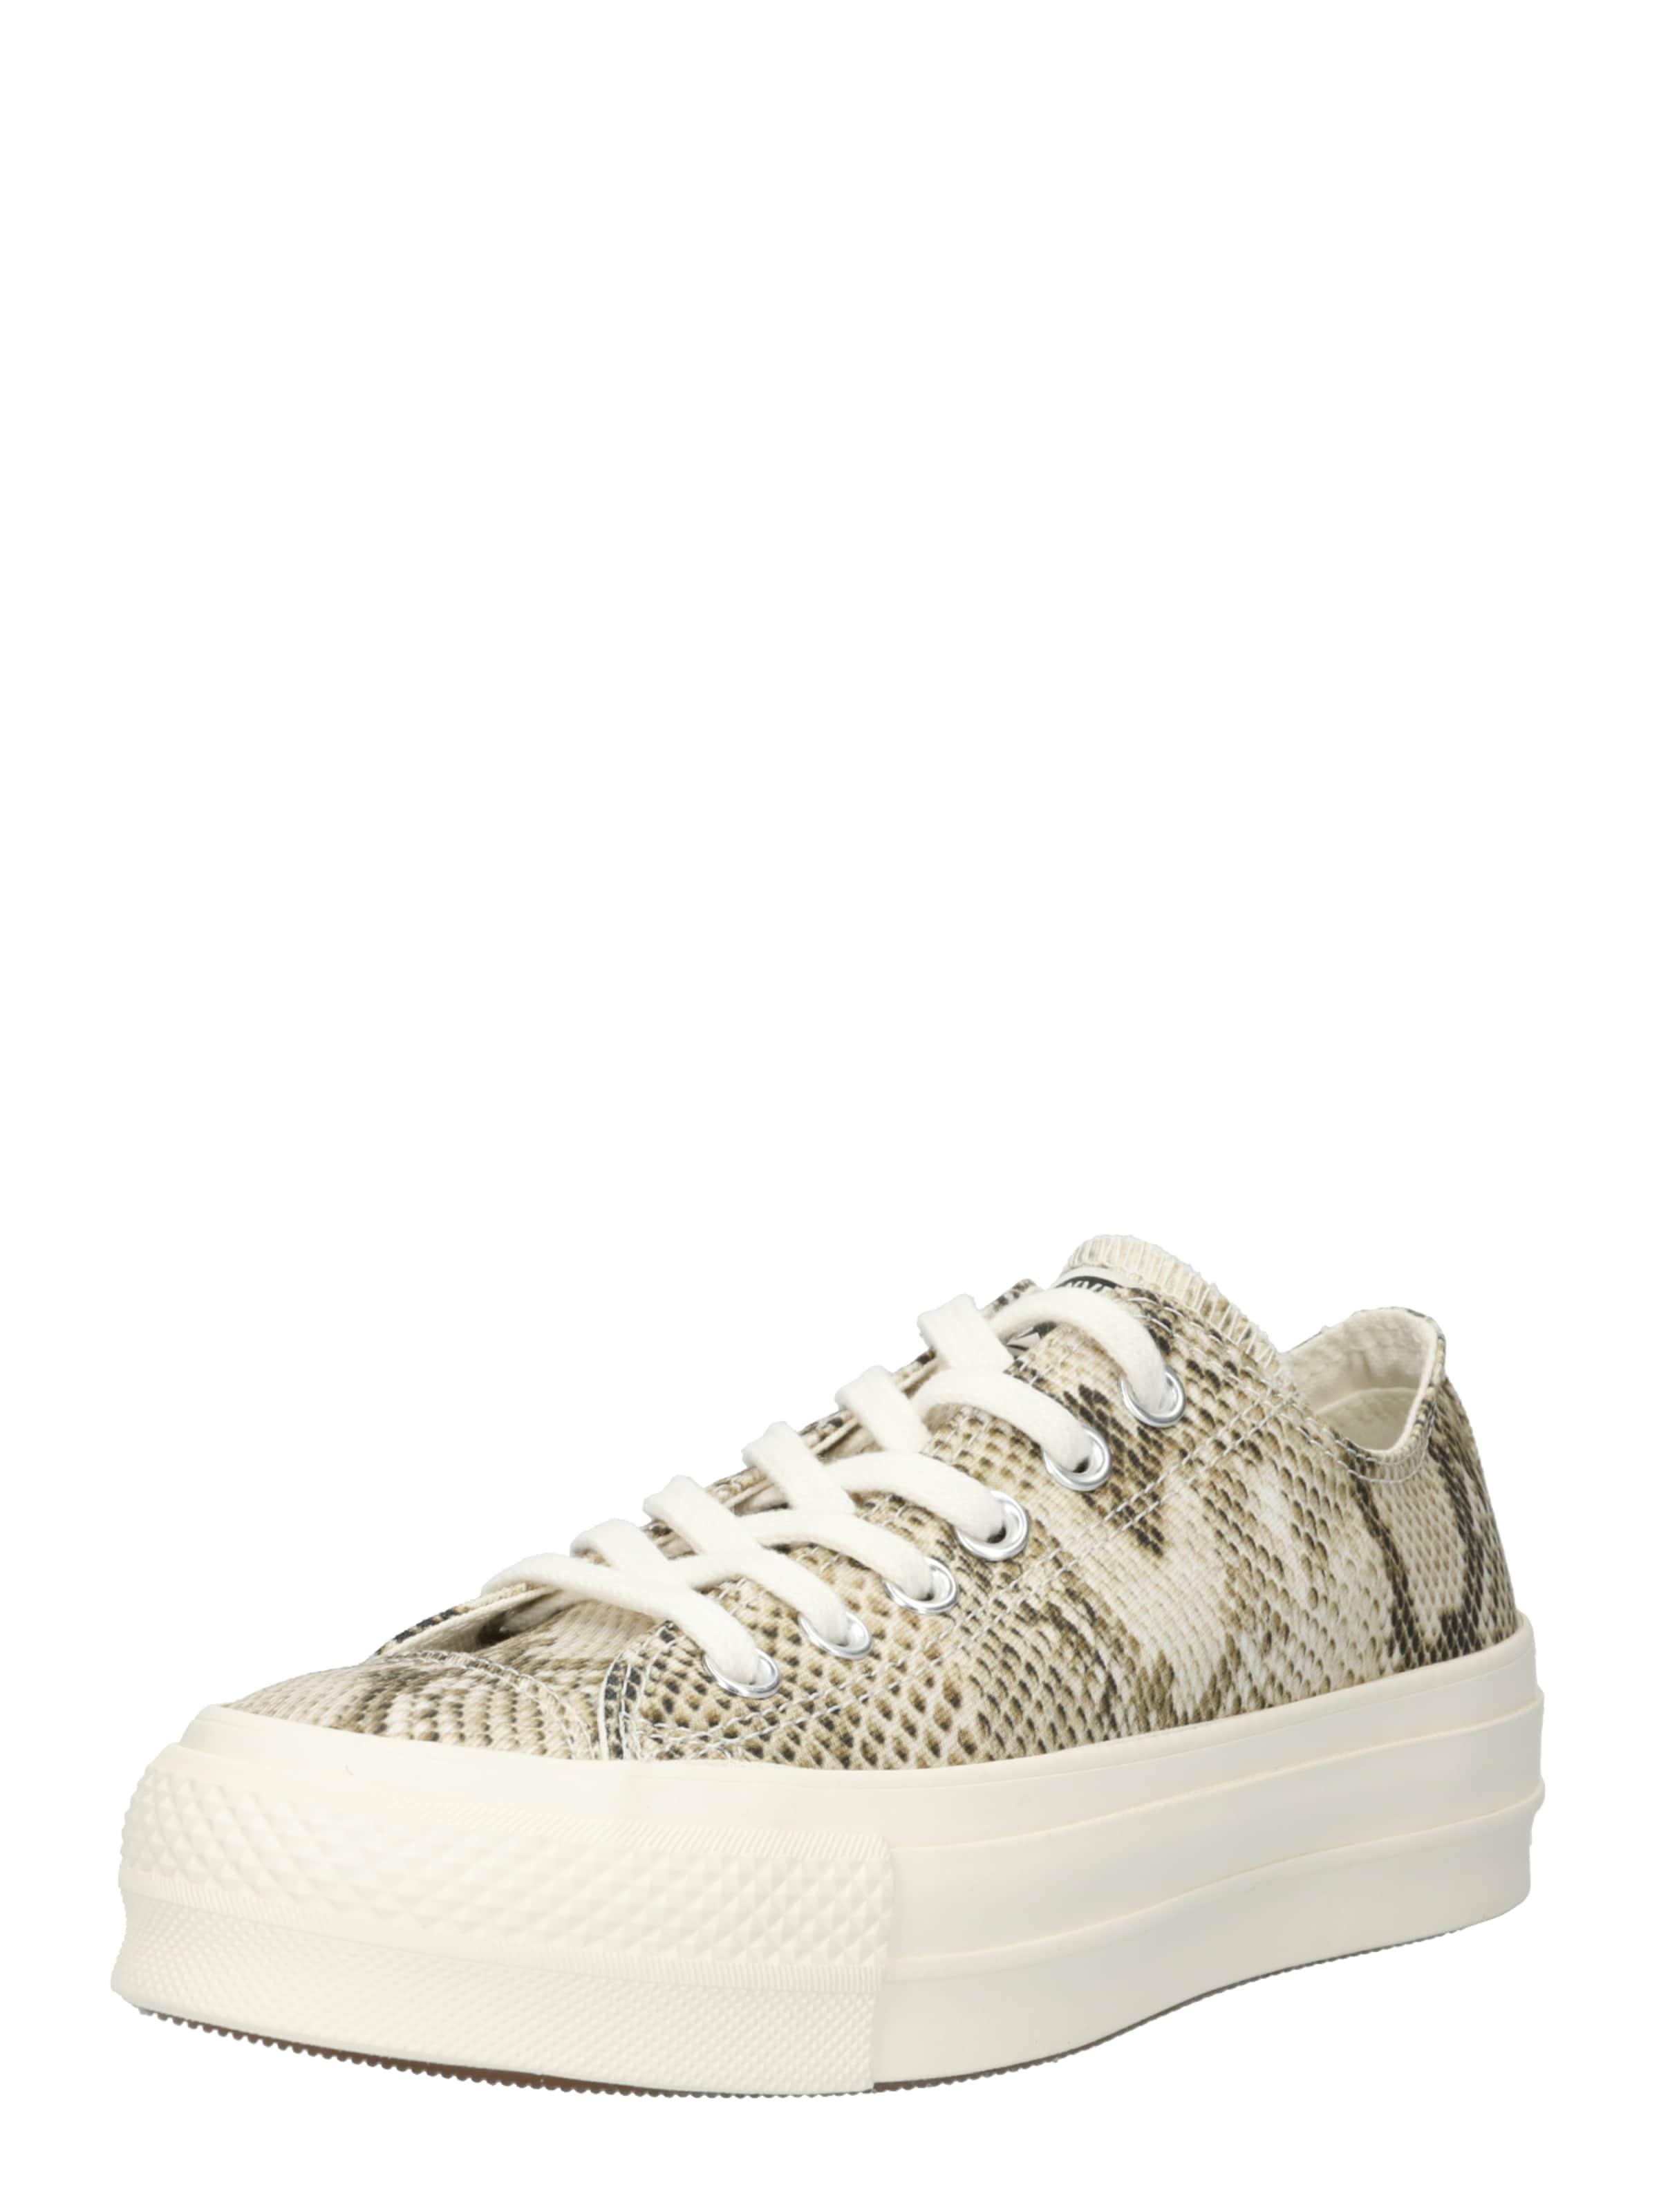 Converse Sneaker 'platform' Sneaker BeigeWeiß Converse 'platform' BeigeWeiß In In WEDH9I2